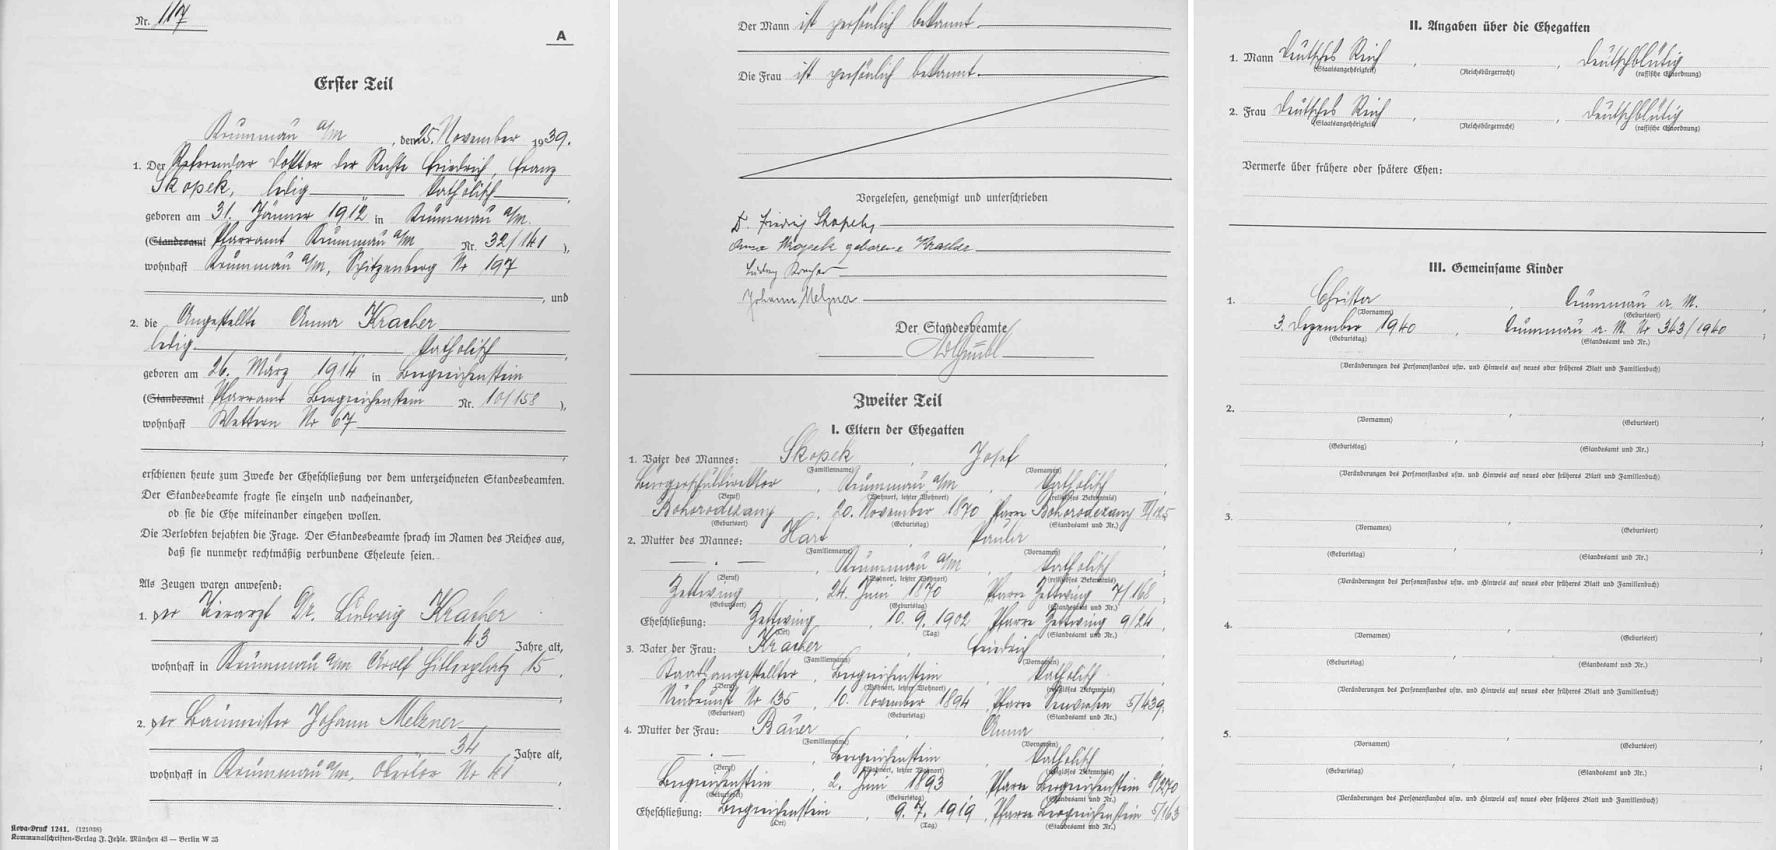 """Na trojstránkovém zápisu stavovské matriky v """"Krummau an der Moldau"""" o synově zdejší svatbě nacházíme i podrobné údaje o něm samém"""